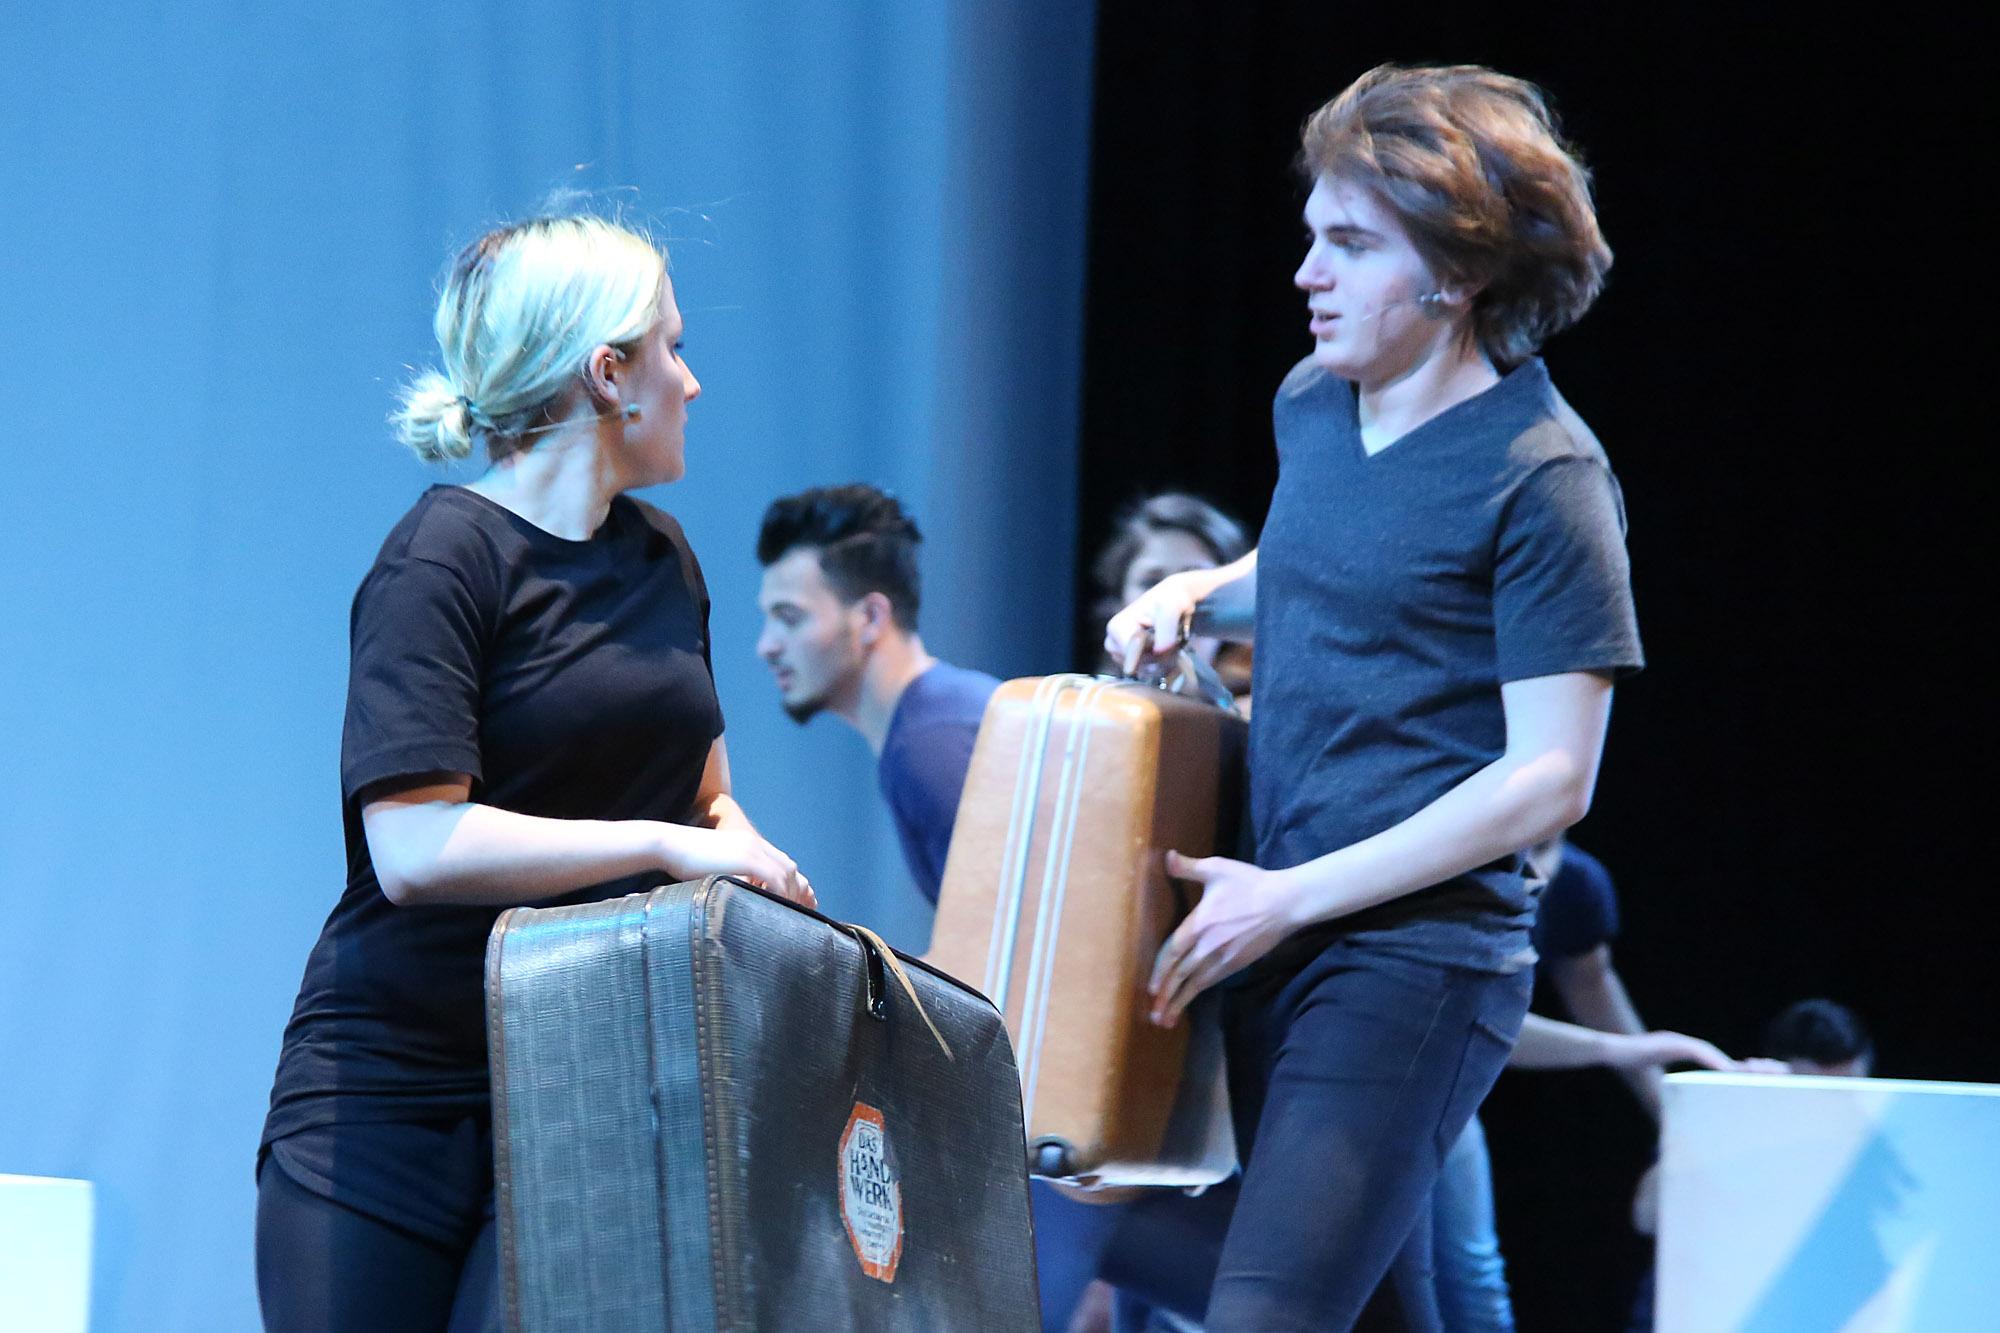 Theater_verbindet_2.jpg